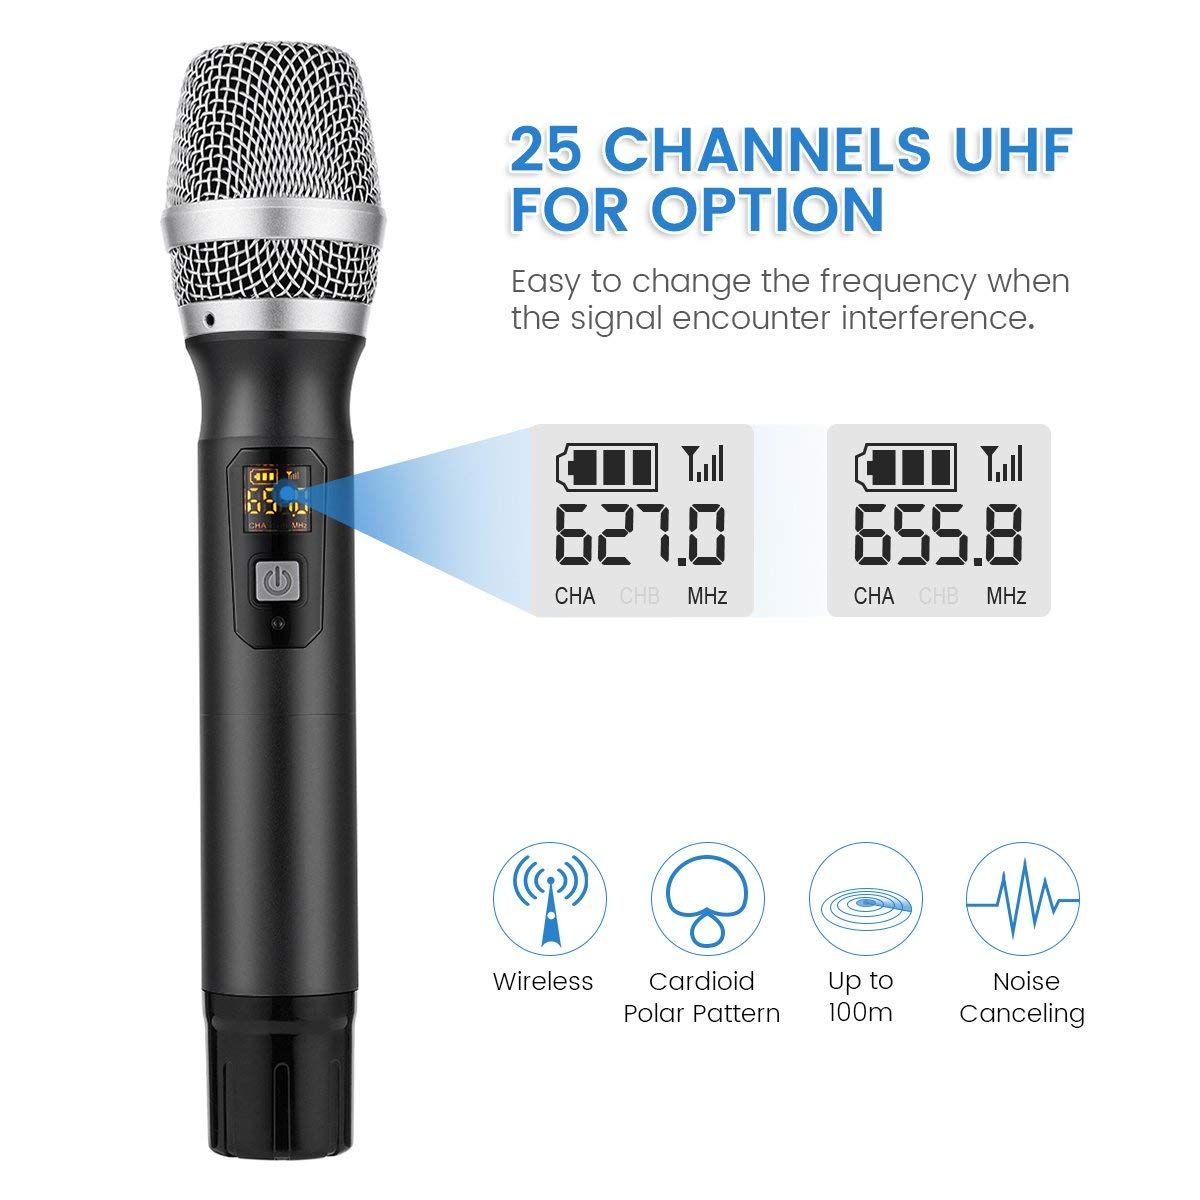 EIVOTOR Micrófono Inalámbrico Profesional Micrófono Dinámico Vocal Micrófono de Mano Portatil Wireless Microphone Cardioide Micro con Receptor 25